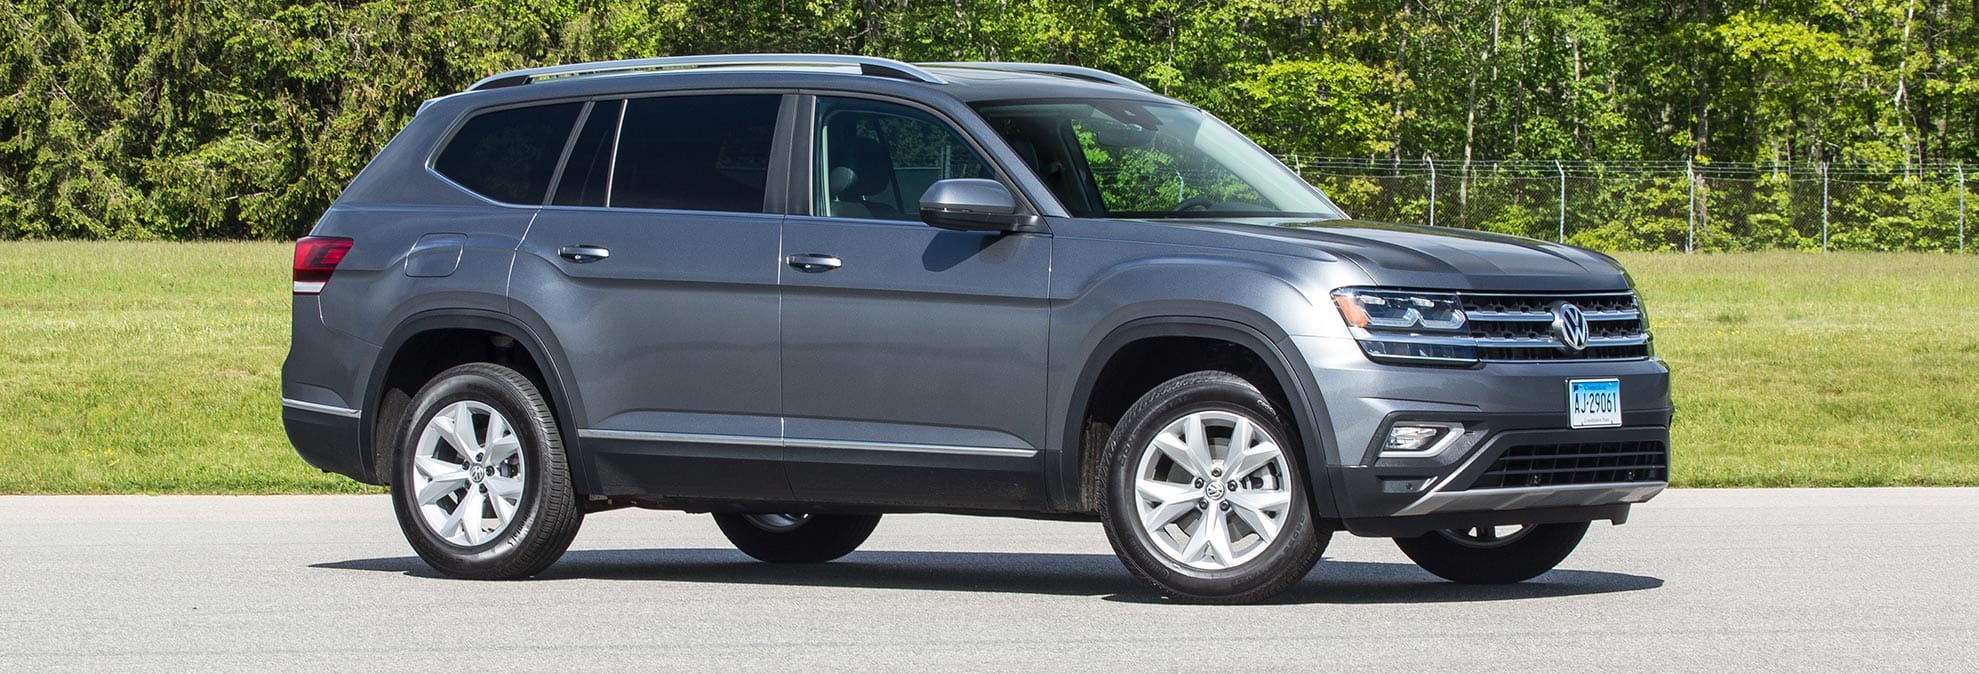 2018 Volkswagen Atlas Suv Done The American Way